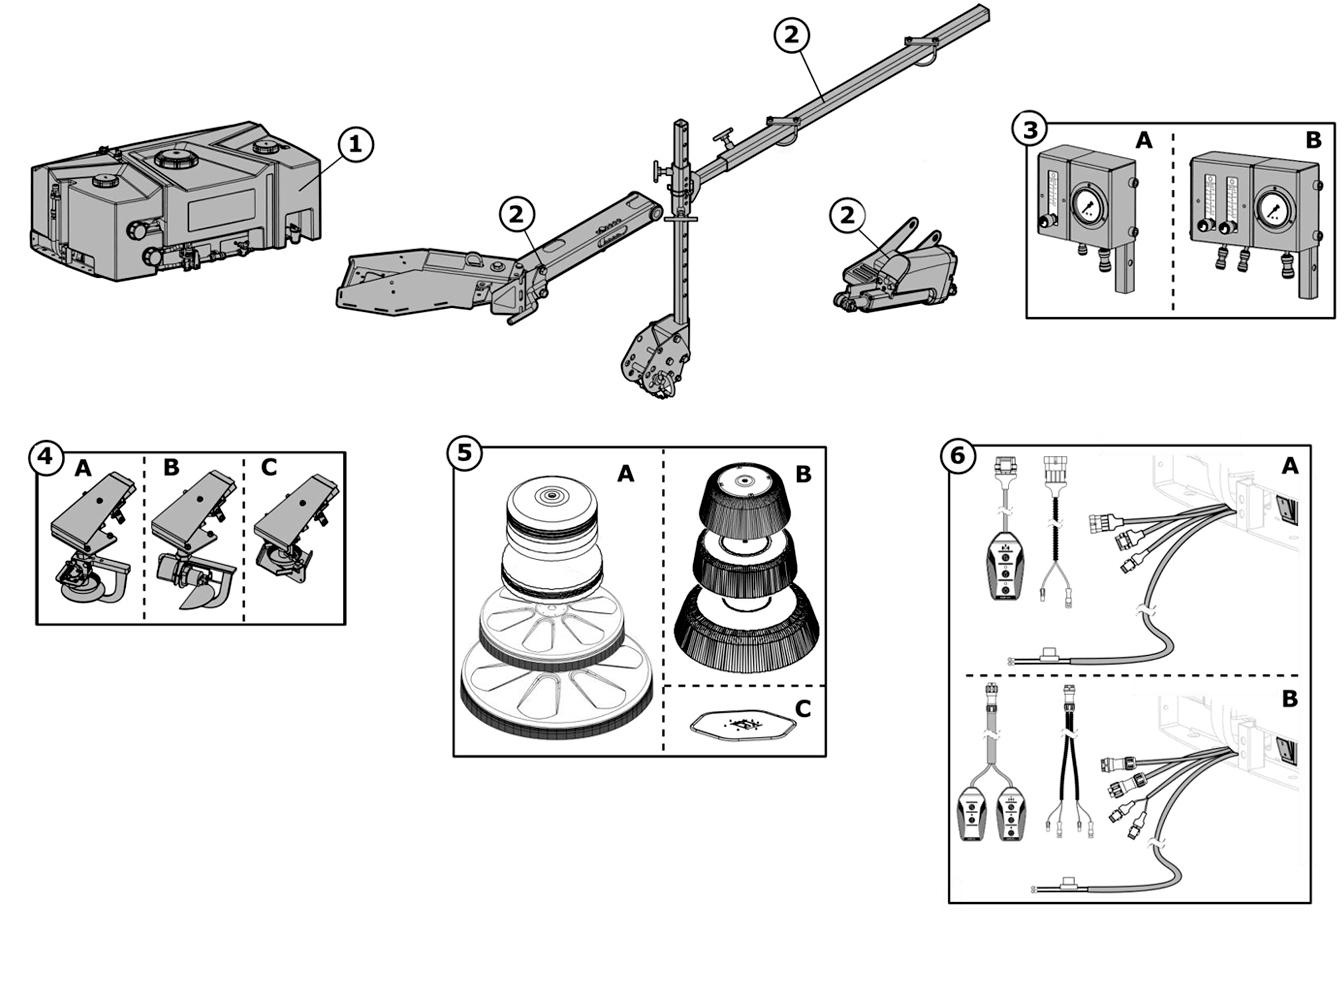 rep-sprayguard - image #2